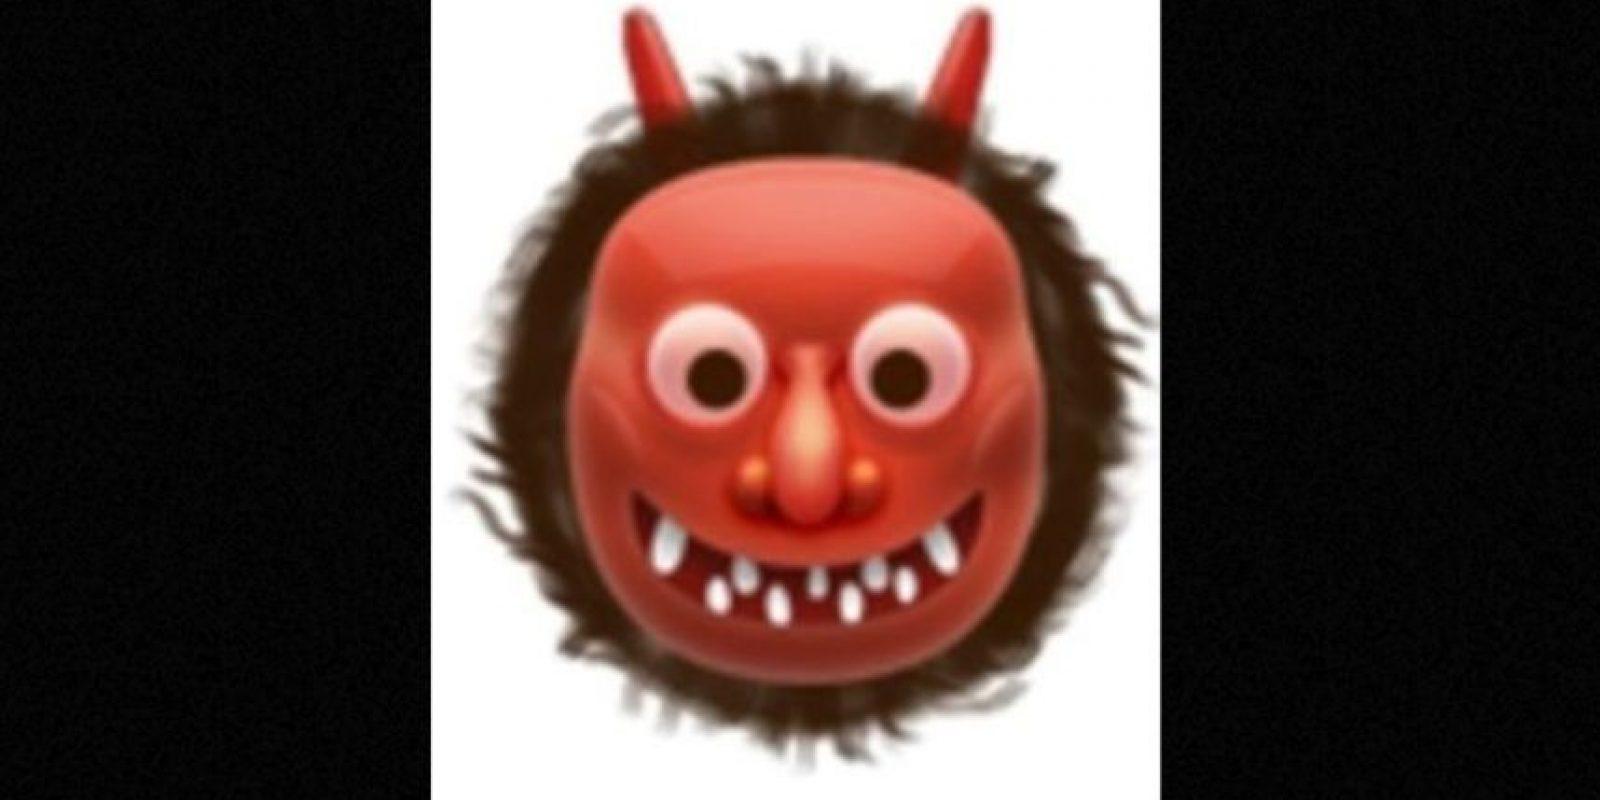 También usado para representar al demonio, aunque en verdad es un ogro japonés. Foto: emojipedia.org